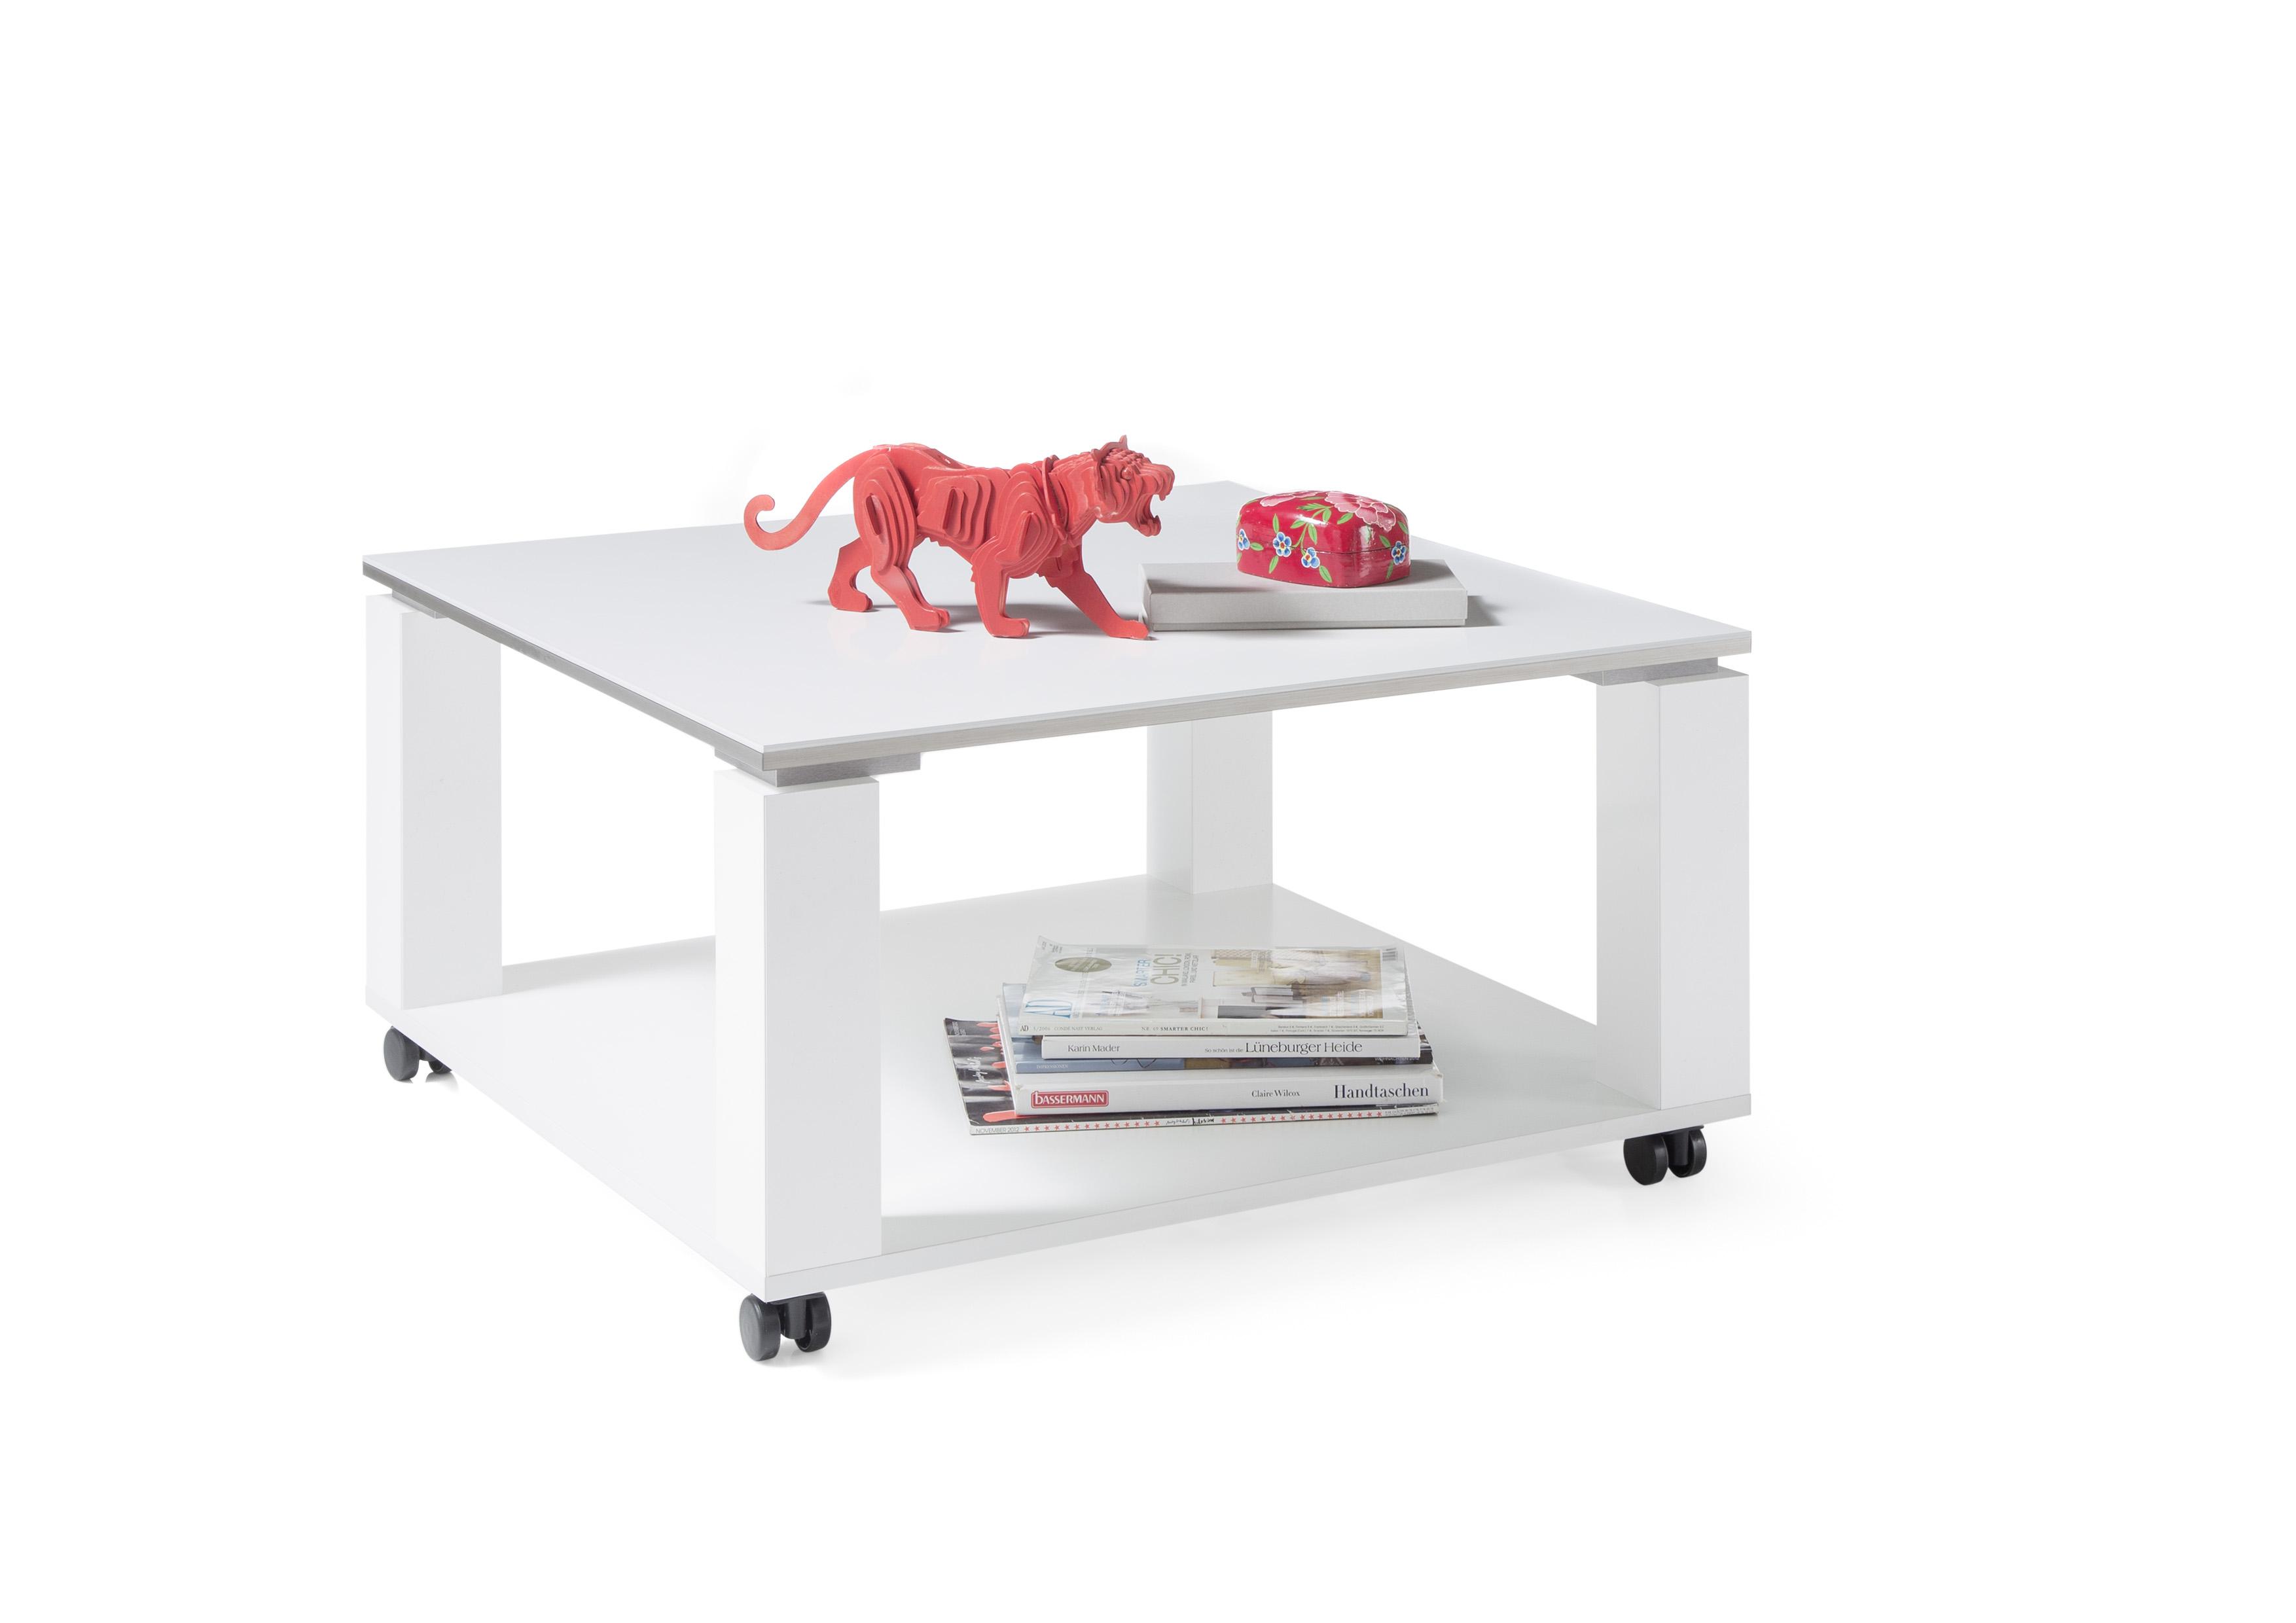 Details zu Couchtisch ROMY Rollen Beistelltisch Wohnzimmertisch Tisch weiß  quadratisch 76cm